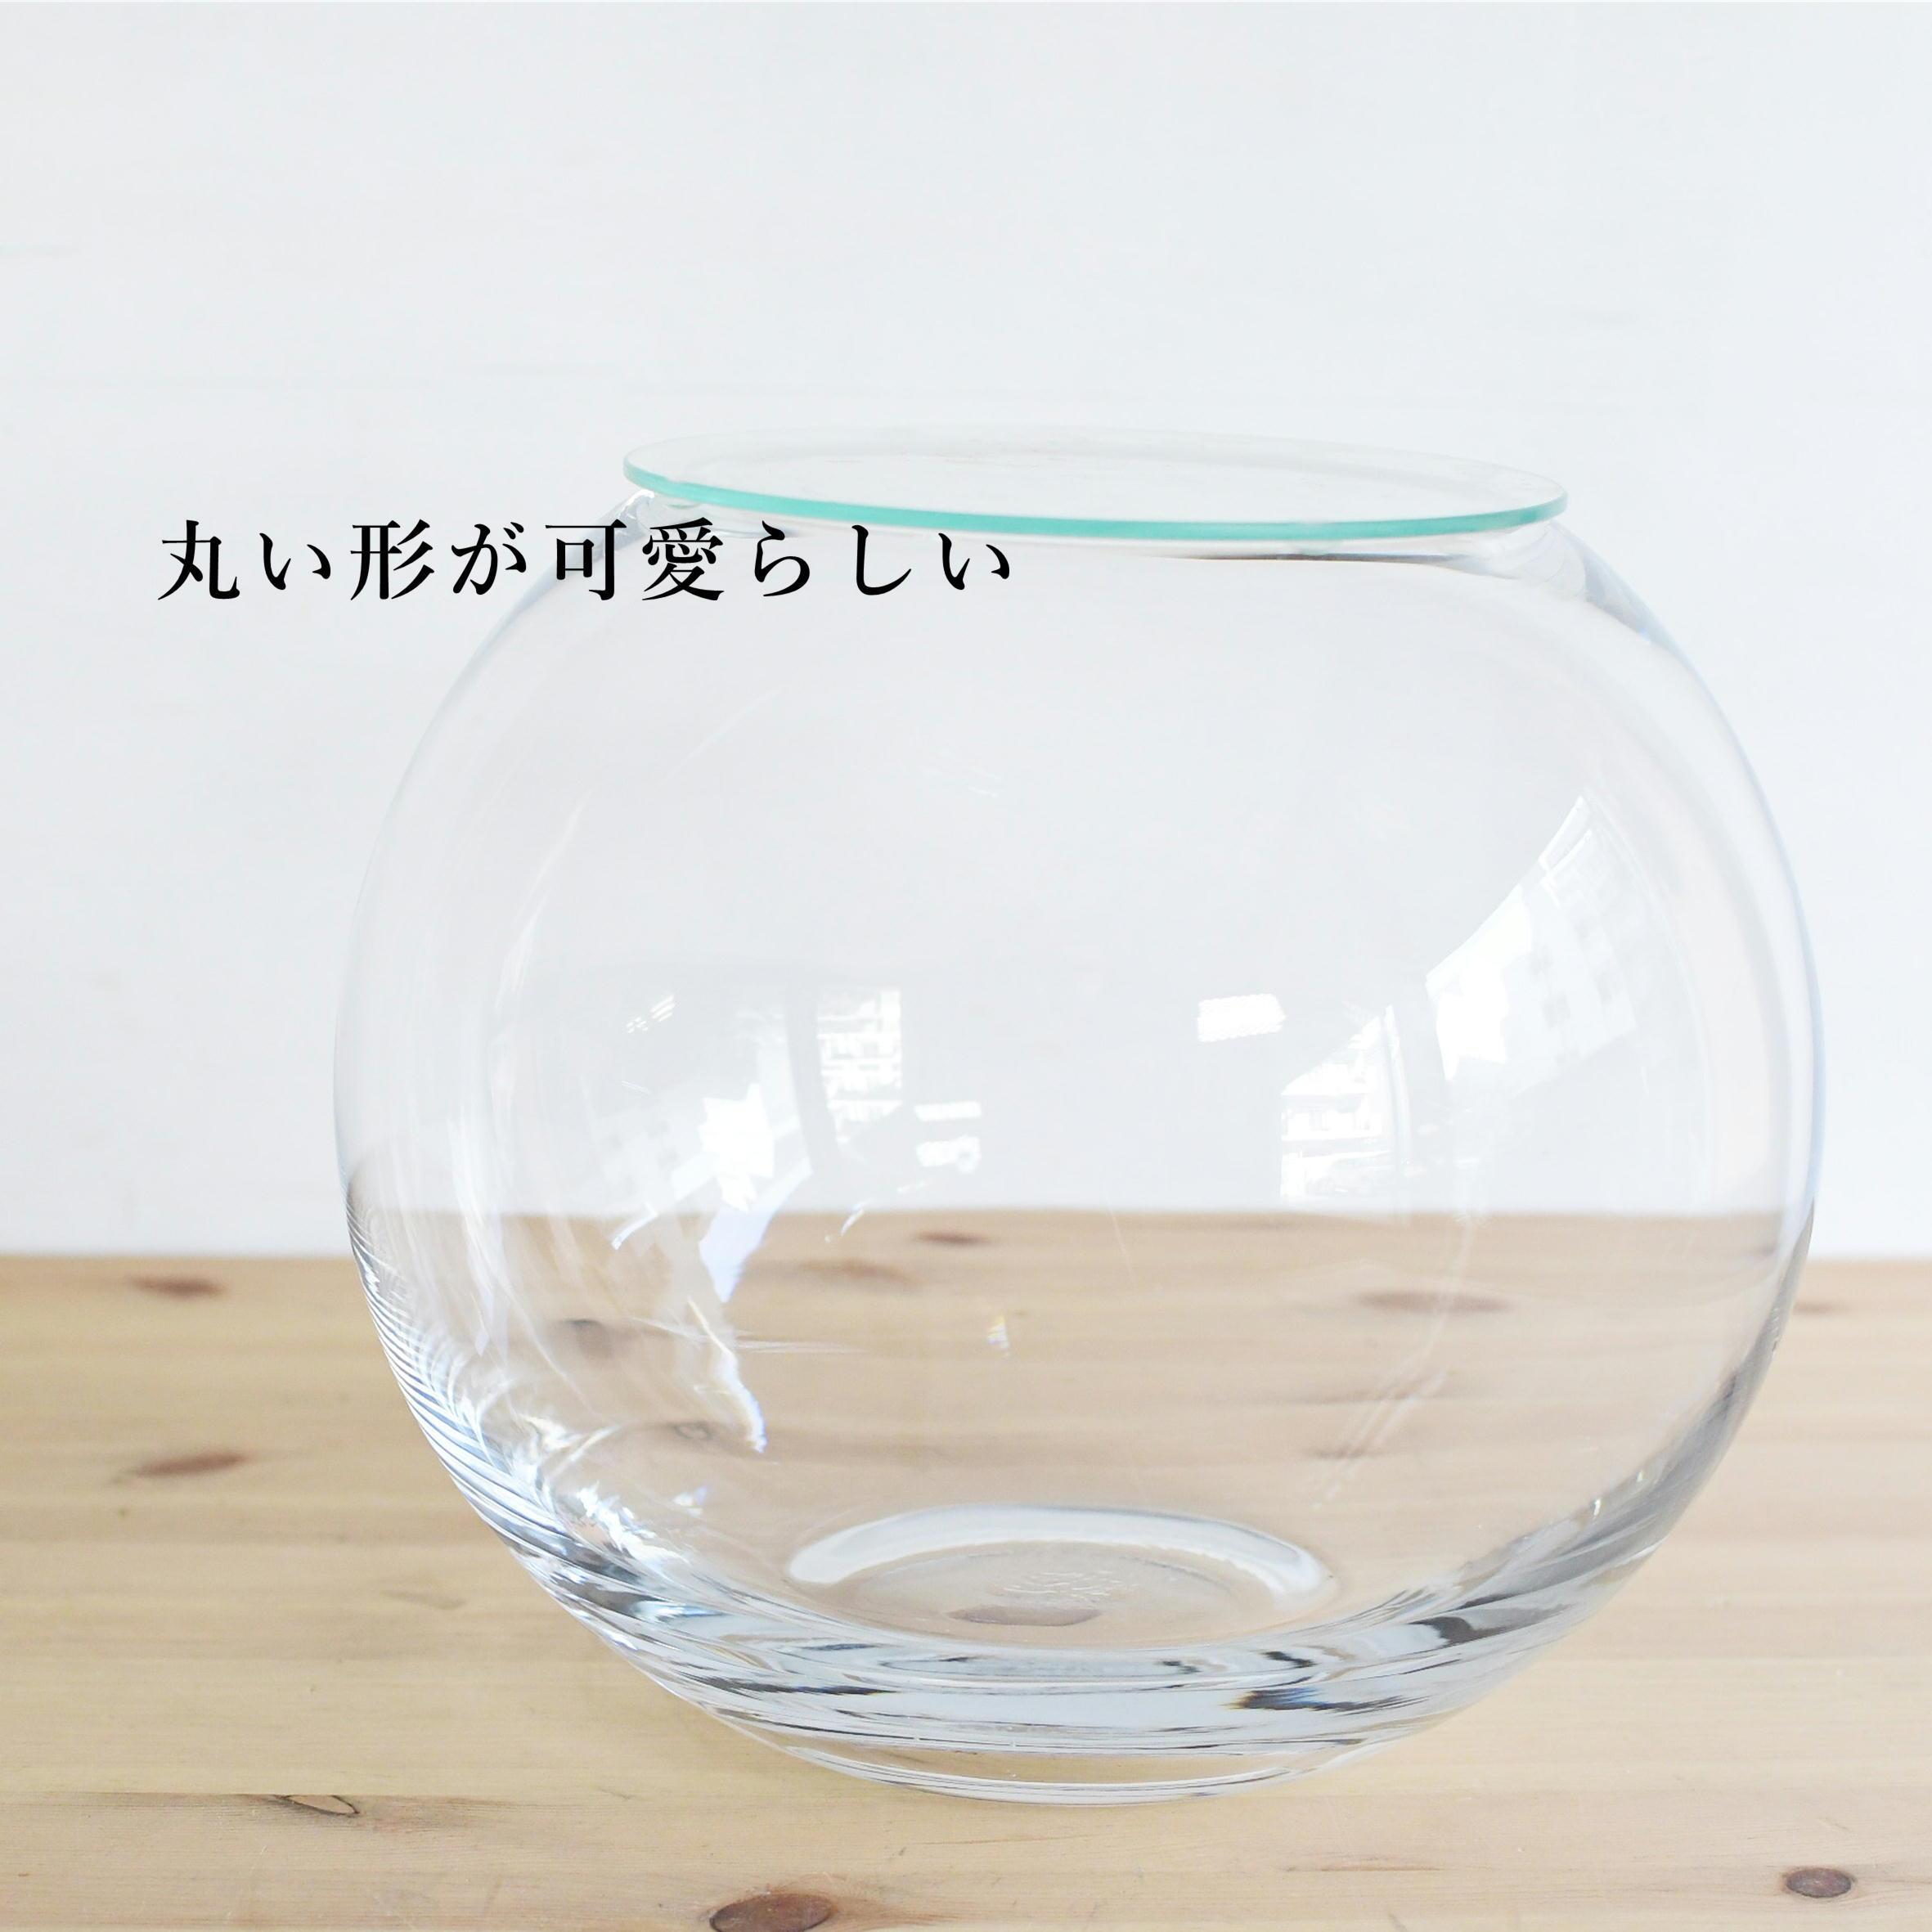 【ガラス容器】ラージボール・L ふた付き(250xh210mm)◆シダやランとの寄せ植えに